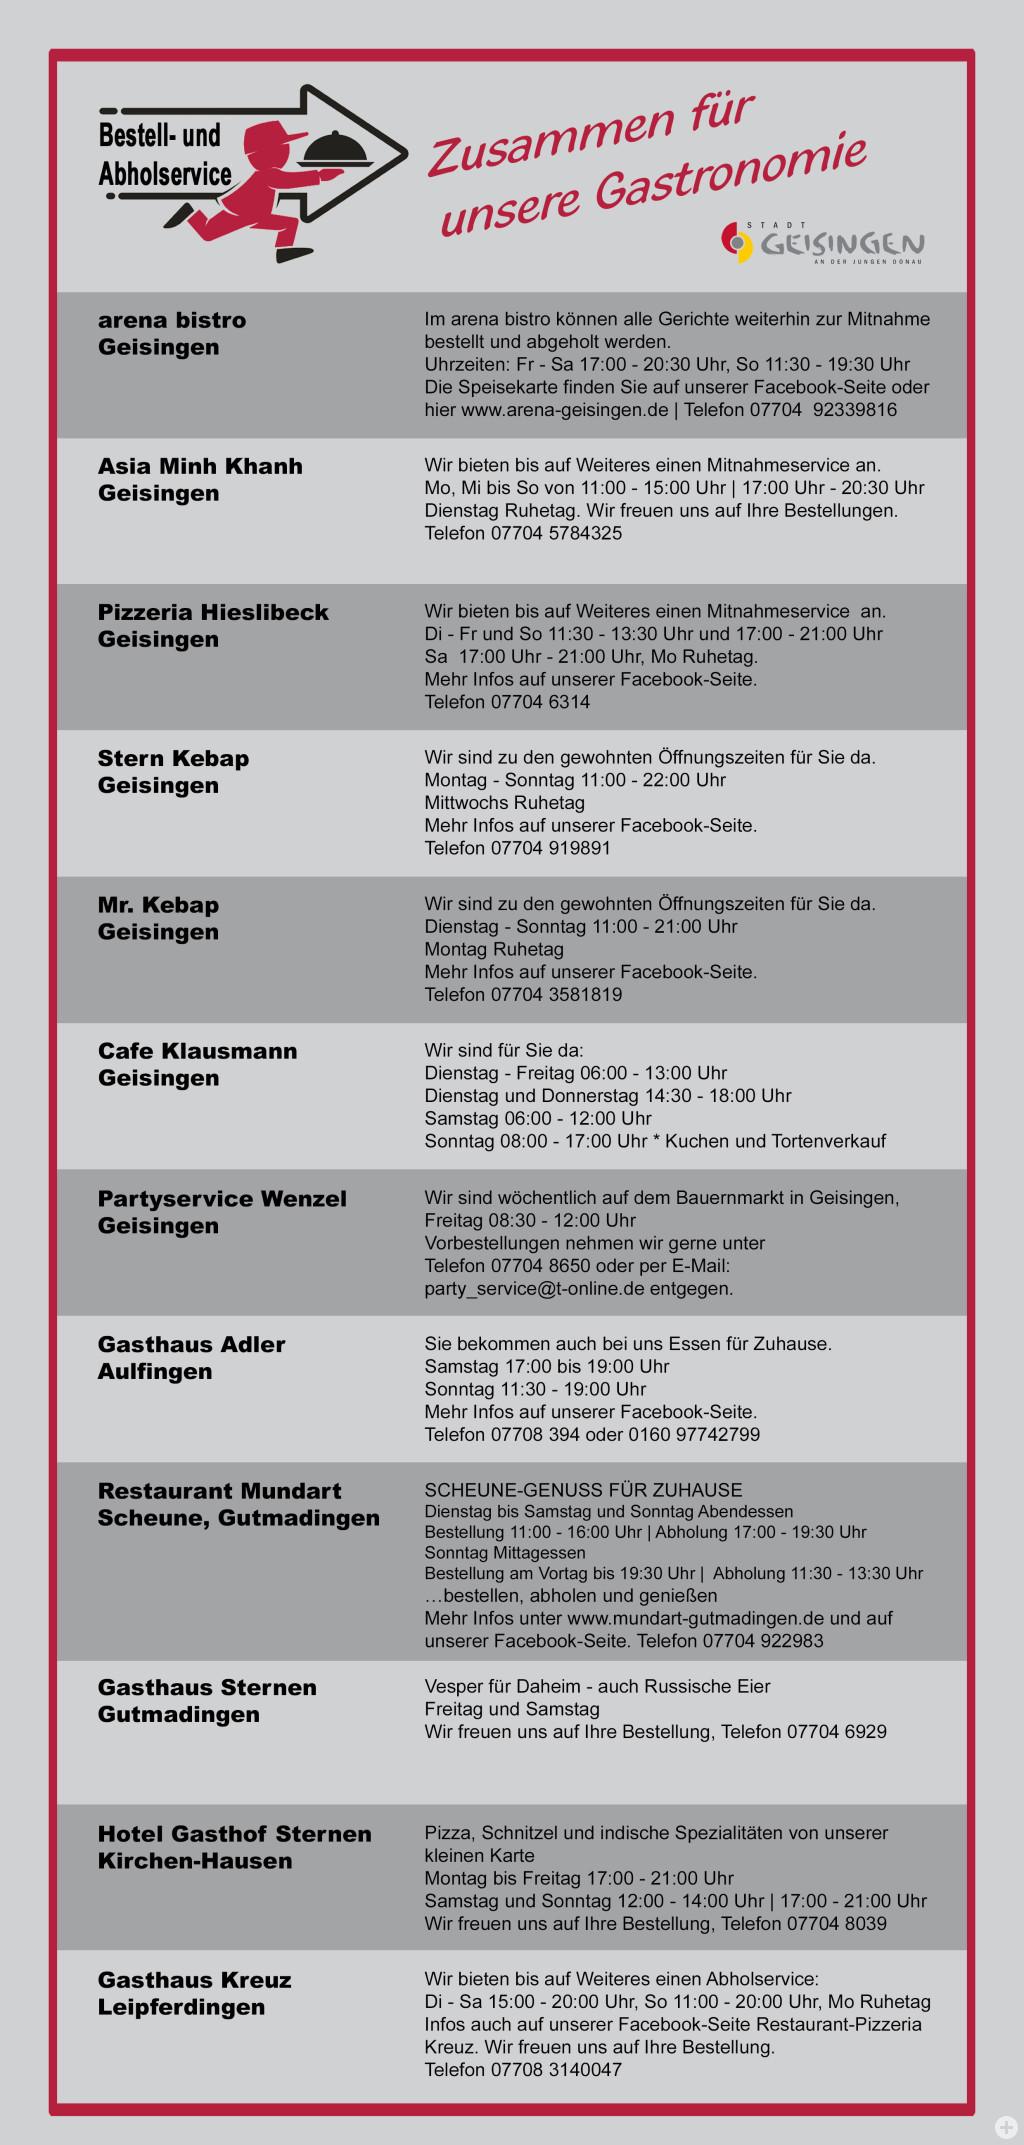 Bestell- und Abholservice Gastronomie Geisingen